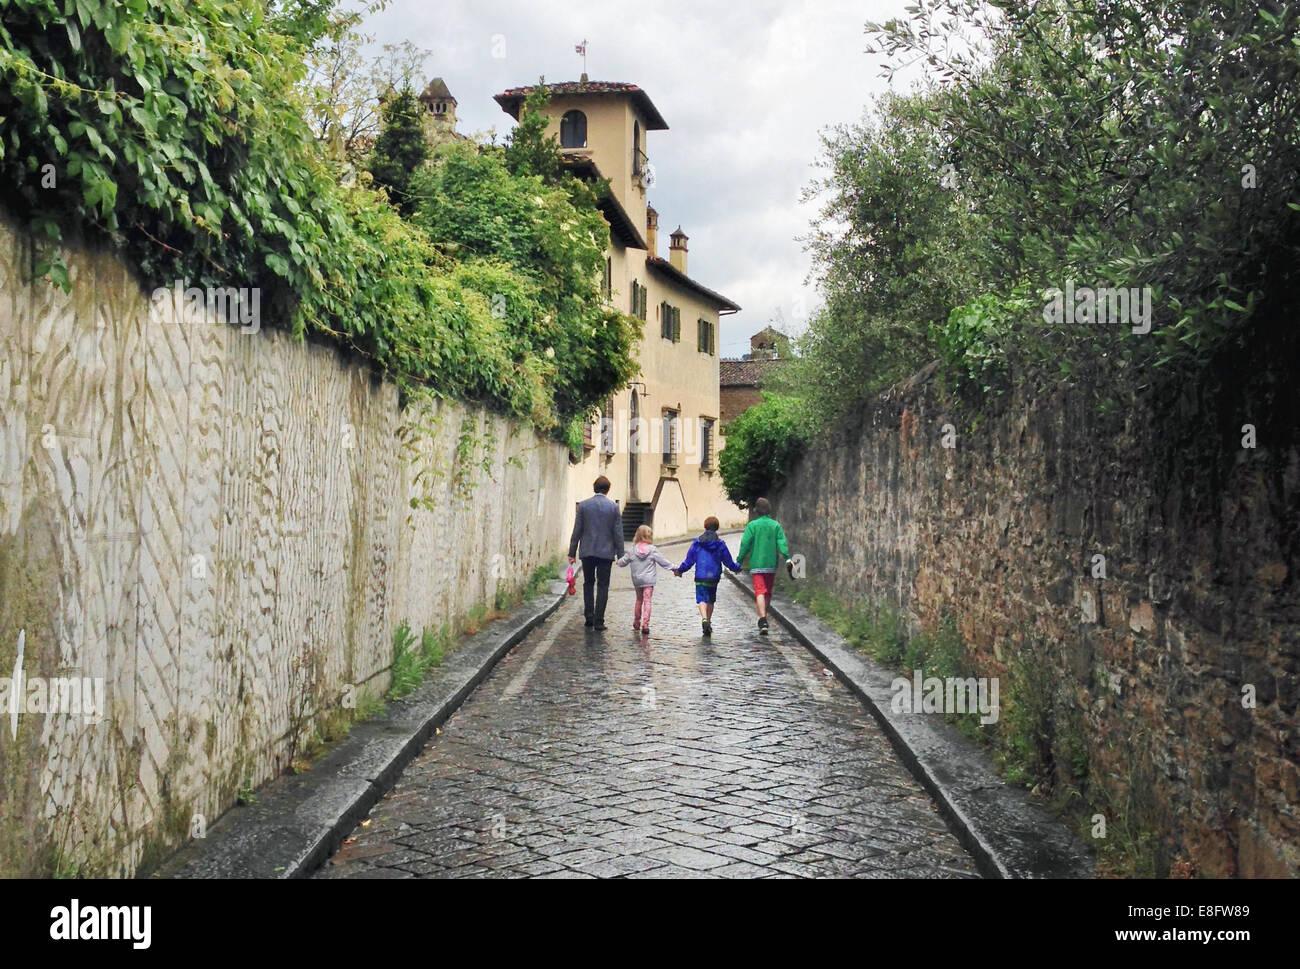 L'Italia, Toscana, Firenze, padre di tre bambini (10-11, 12-13) camminando sul giorno di pioggia Immagini Stock